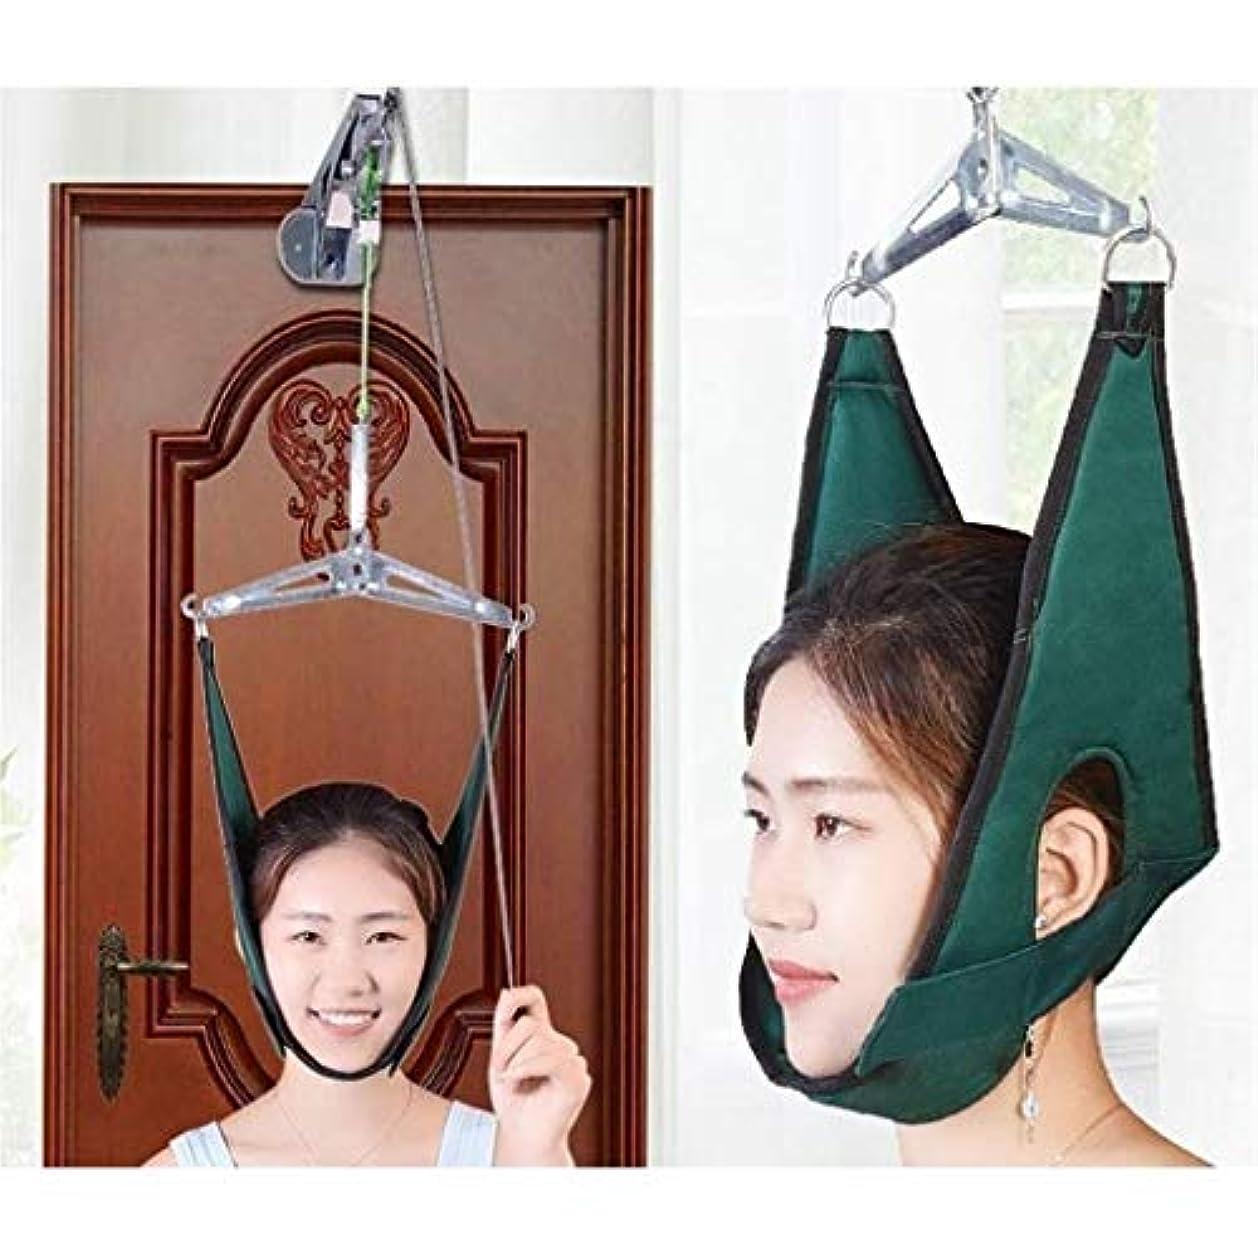 東ティモールベッド行商人頸部牽引装置、頸部頸部牽引装置、首マッサージ器、治療器具、歯列矯正用首の痛みの緩和